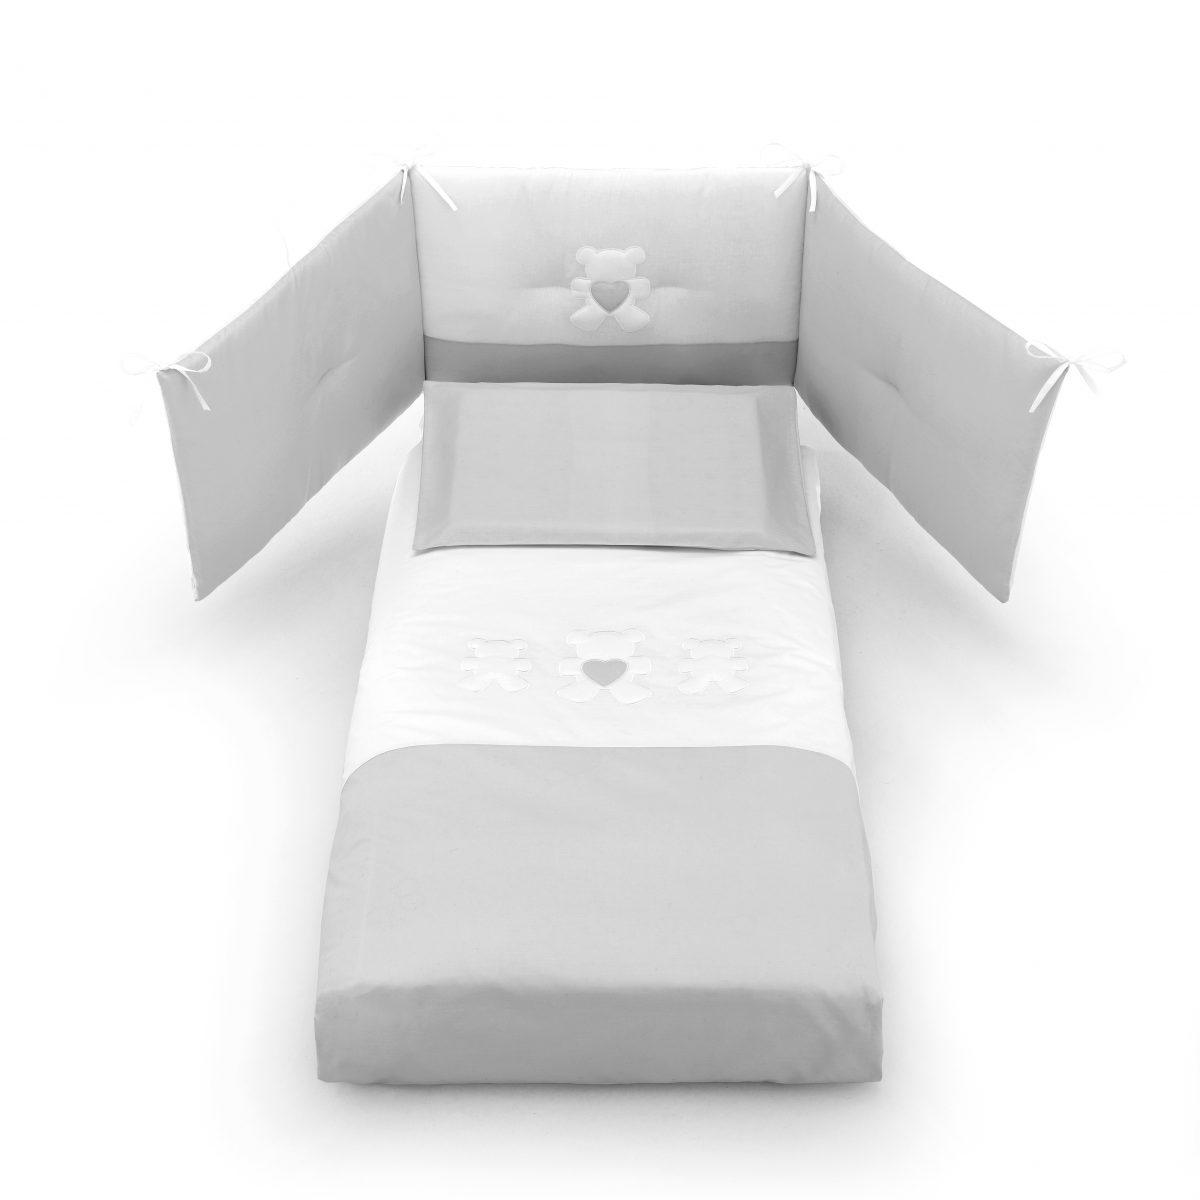 luxusní dětský nábytek - textilie Molly